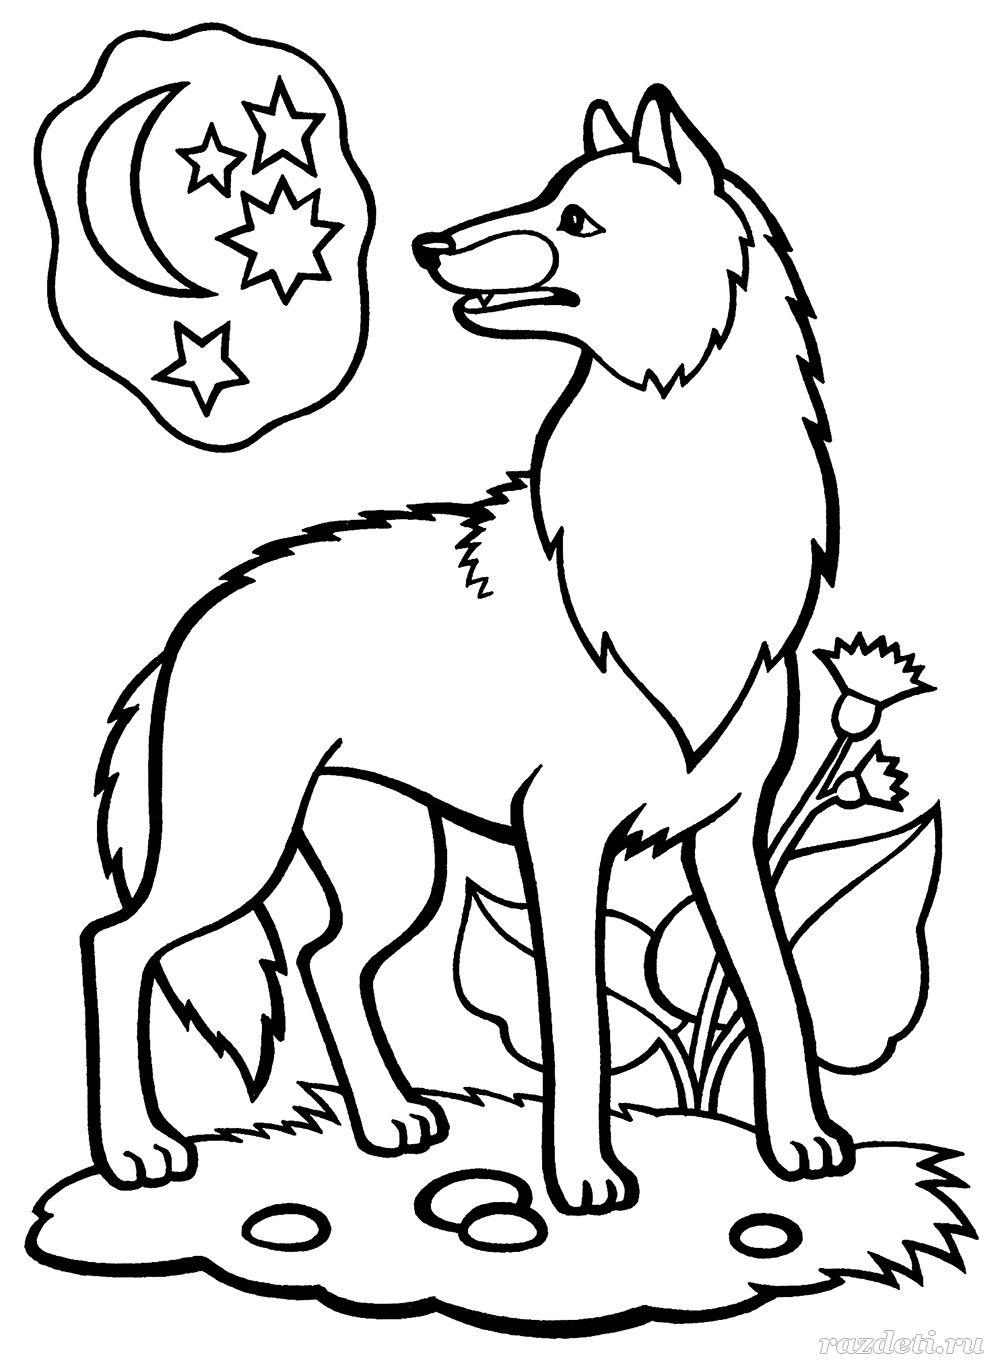 Раскраска волк и леса